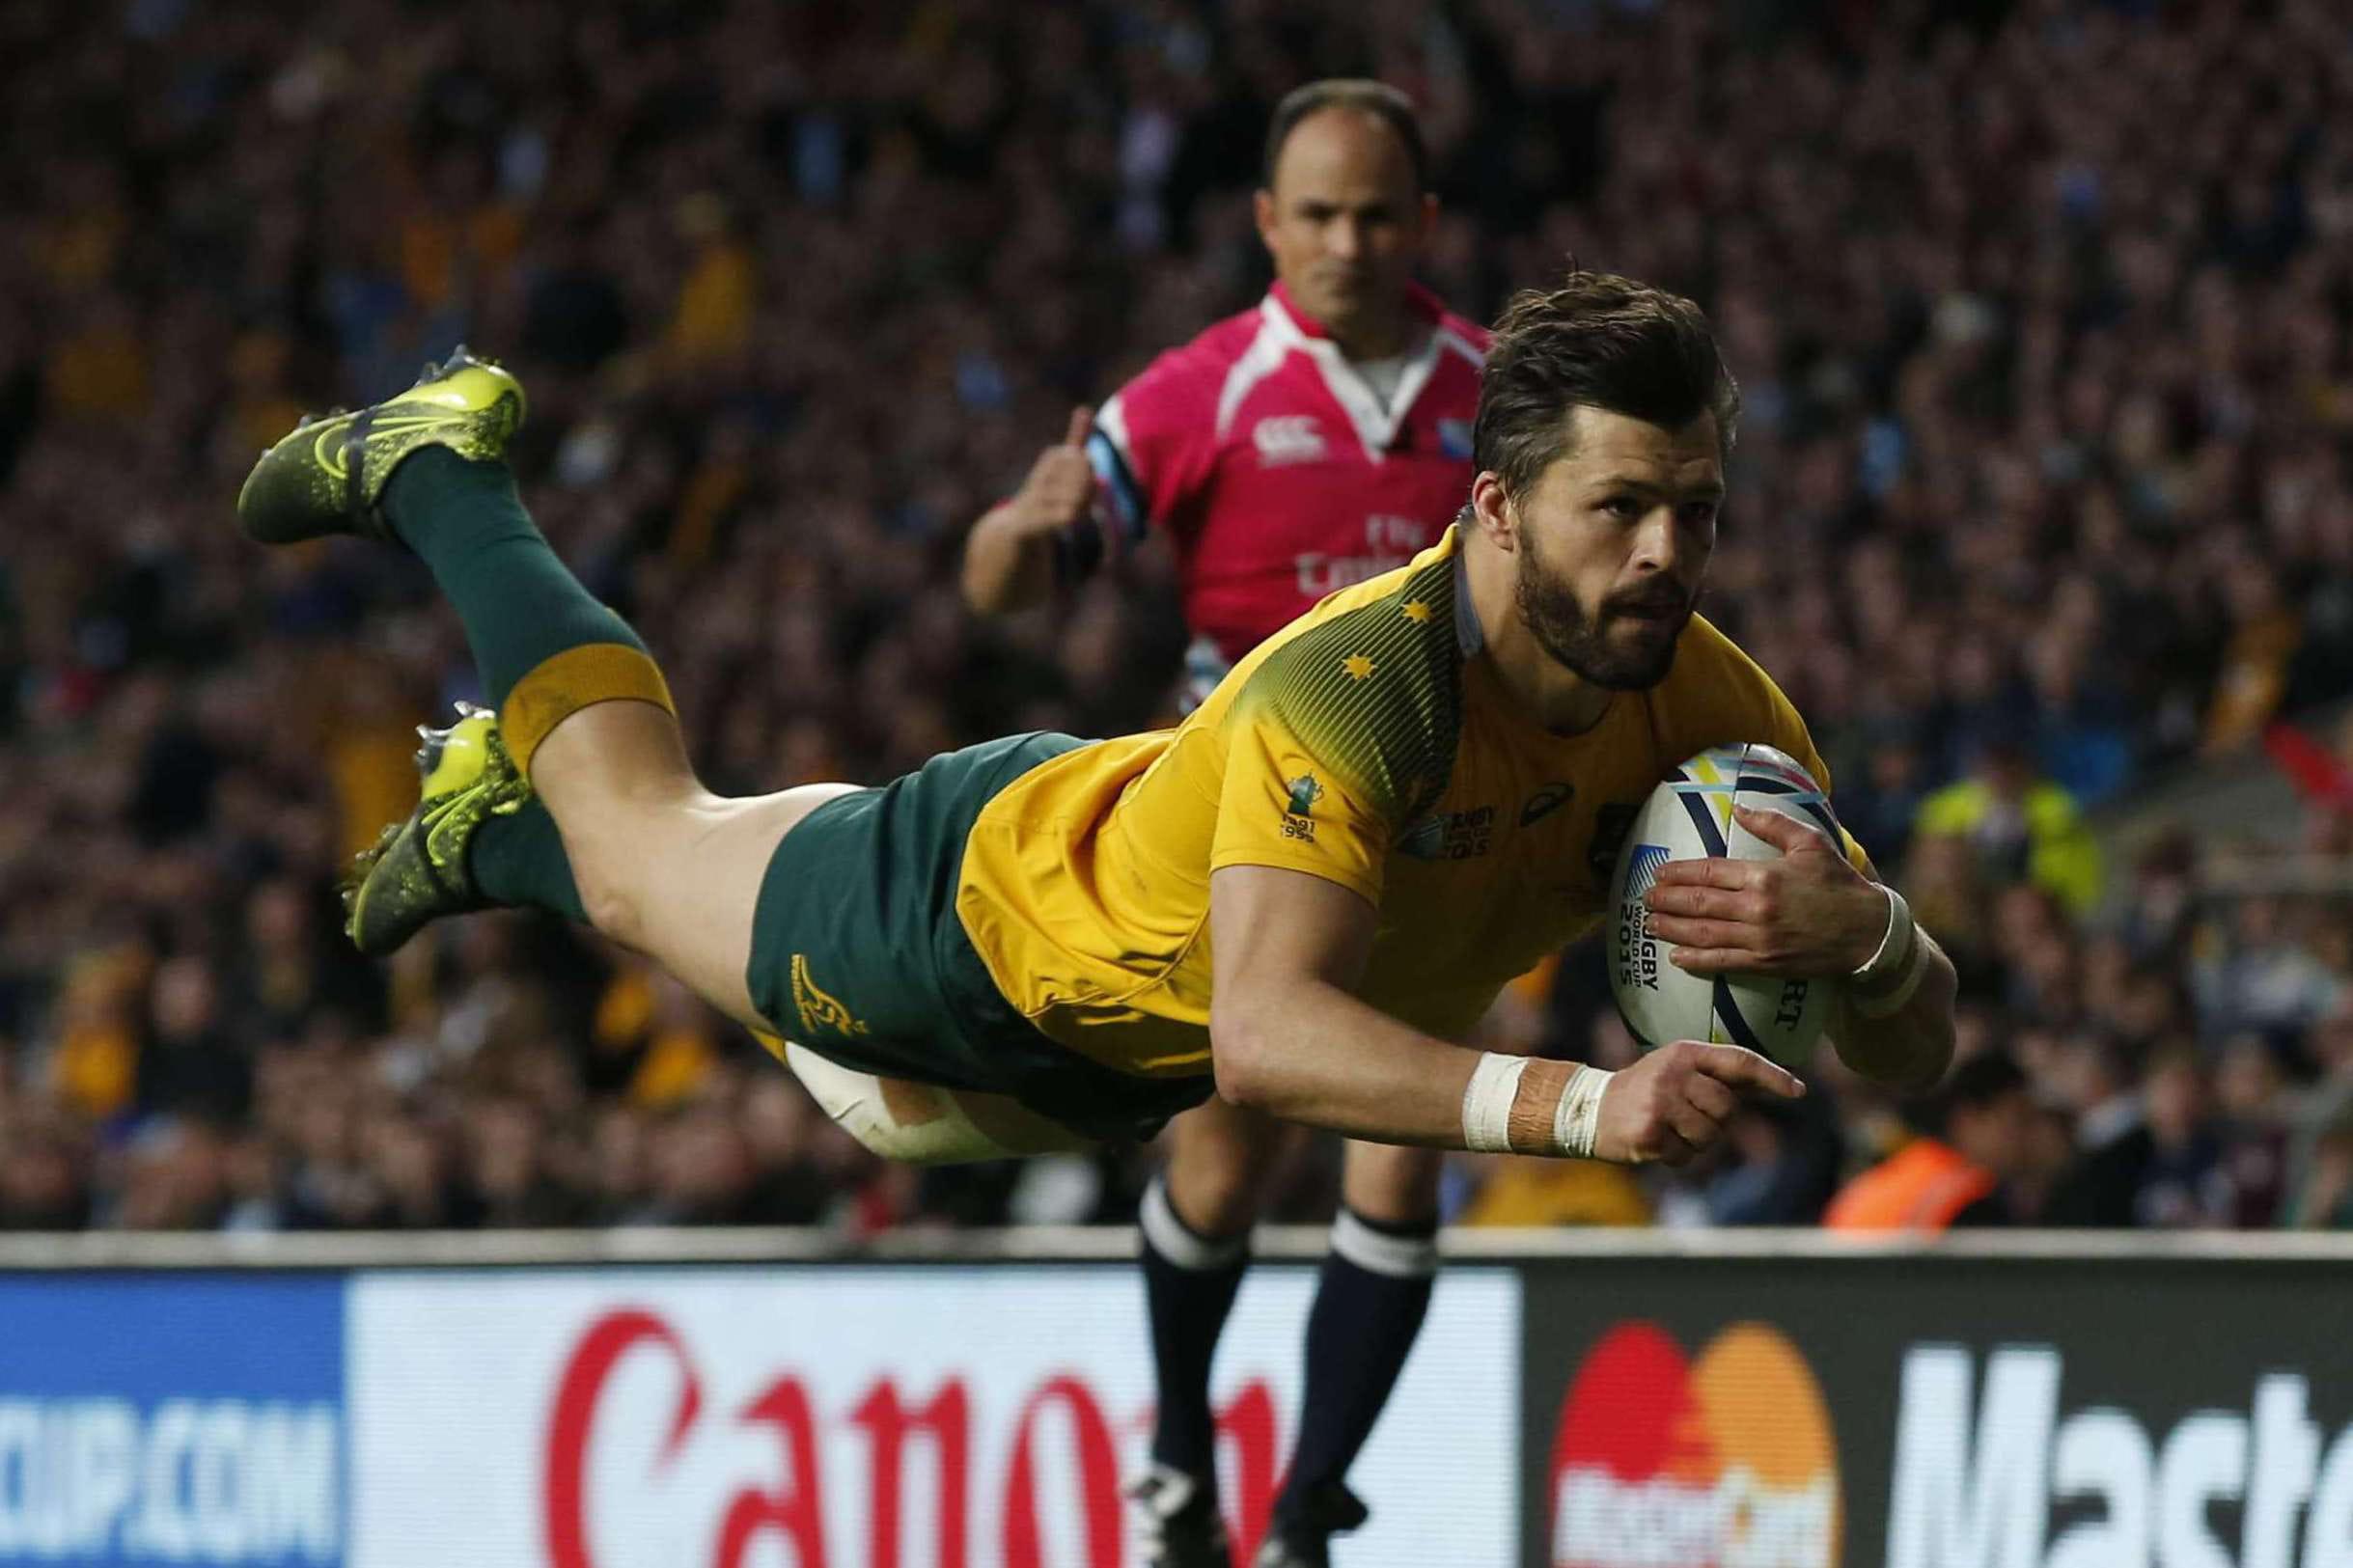 Coupe du monde de rugby 2015 l 39 australie rejoint la - Classement coupe du monde de rugby ...